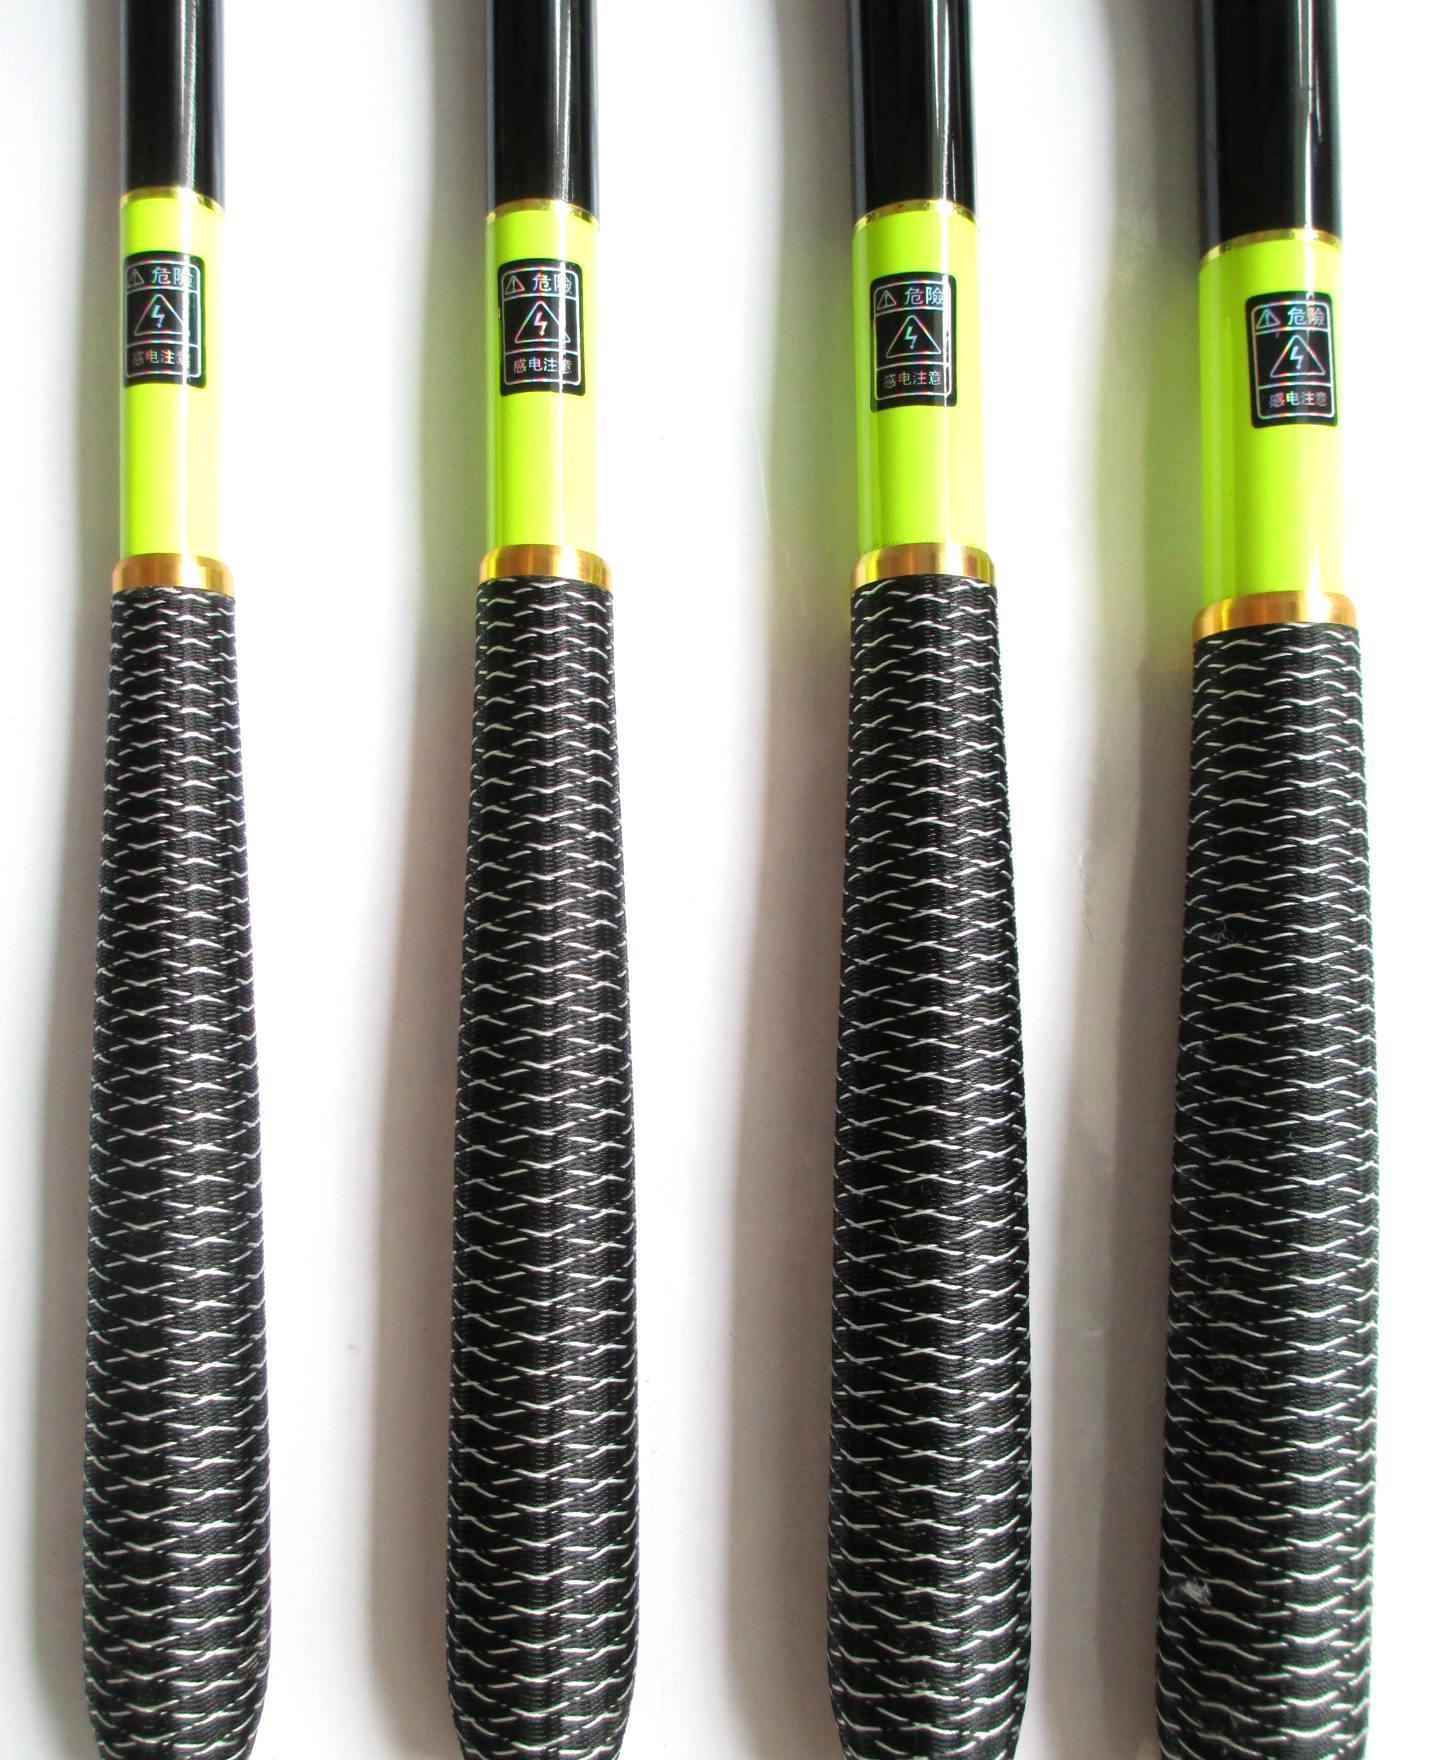 厂家热销推荐 波纹鲤 品牌碳素鱼竿 6.3米台钓竿 渔具批发